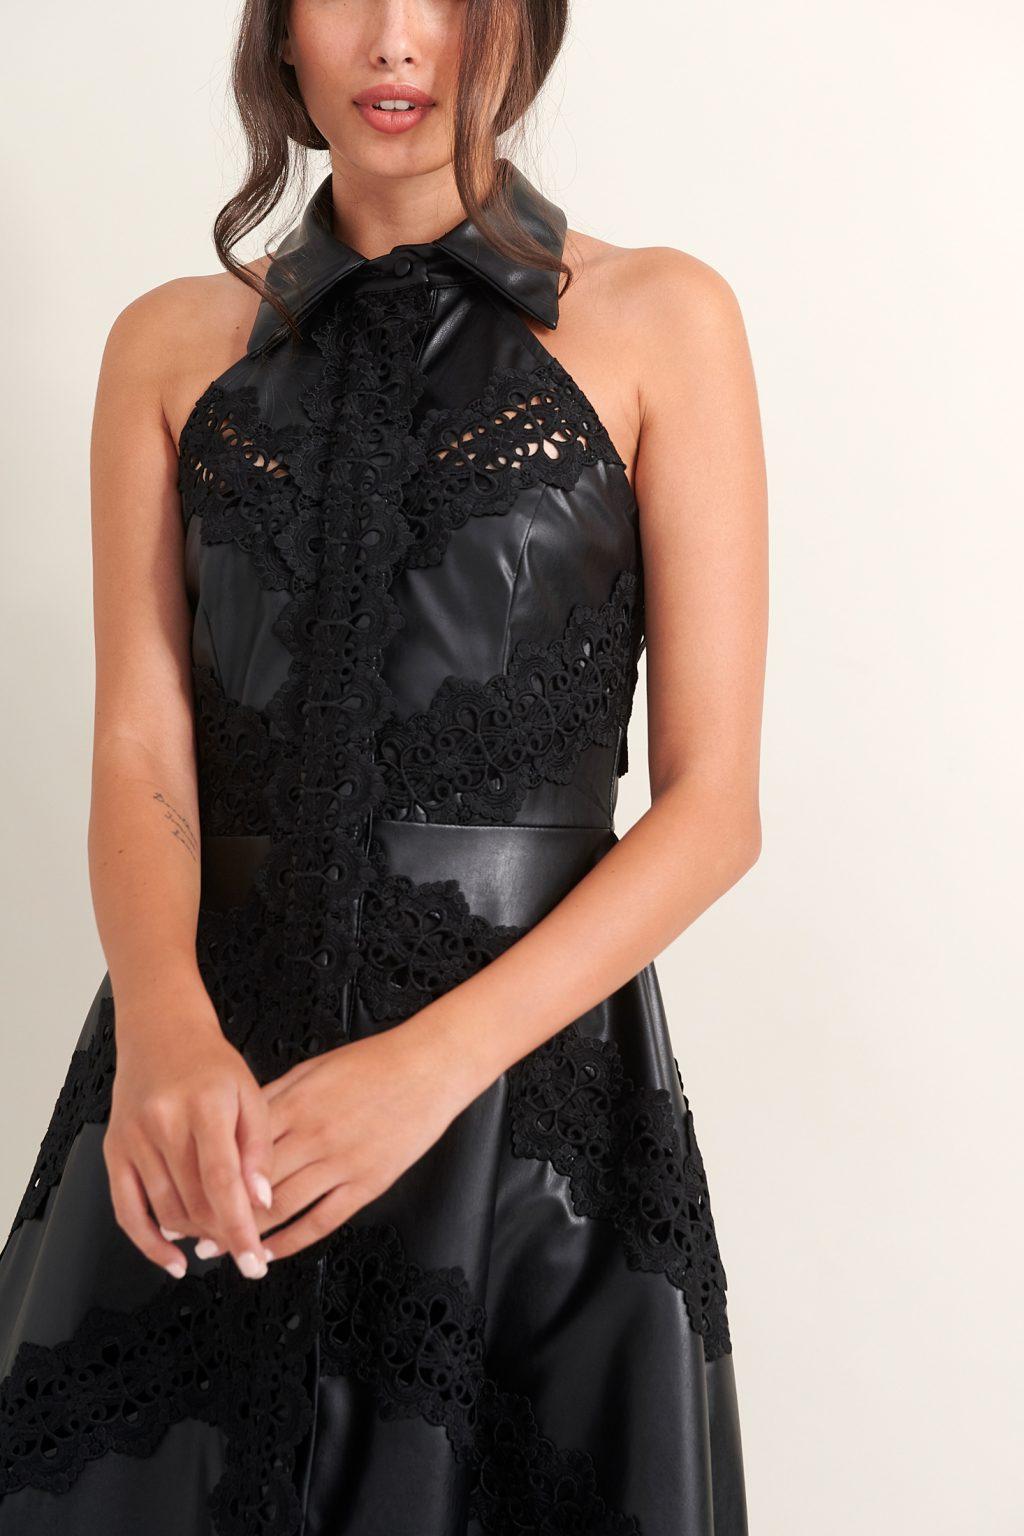 Γυναικεία Ρούχα LACE ΦΟΡΕΜΑ ΔΕΡΜΑΤΙΝΗ ΣΕΜΙΖΙΕ ΜΕ ΔΑΝΤΕΛΕΣ